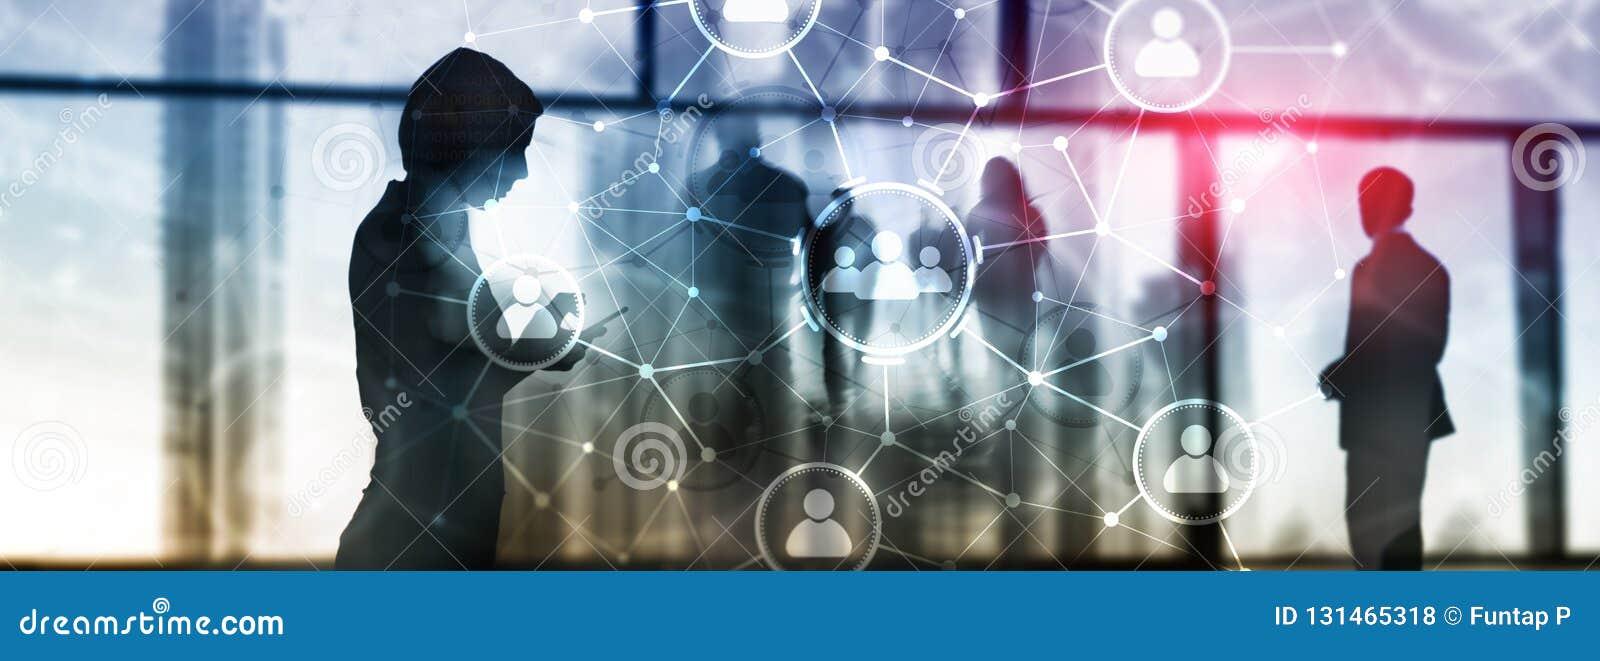 人联系和组织结构 束起通信有概念的交谈媒体人社交 事务和通讯技术概念